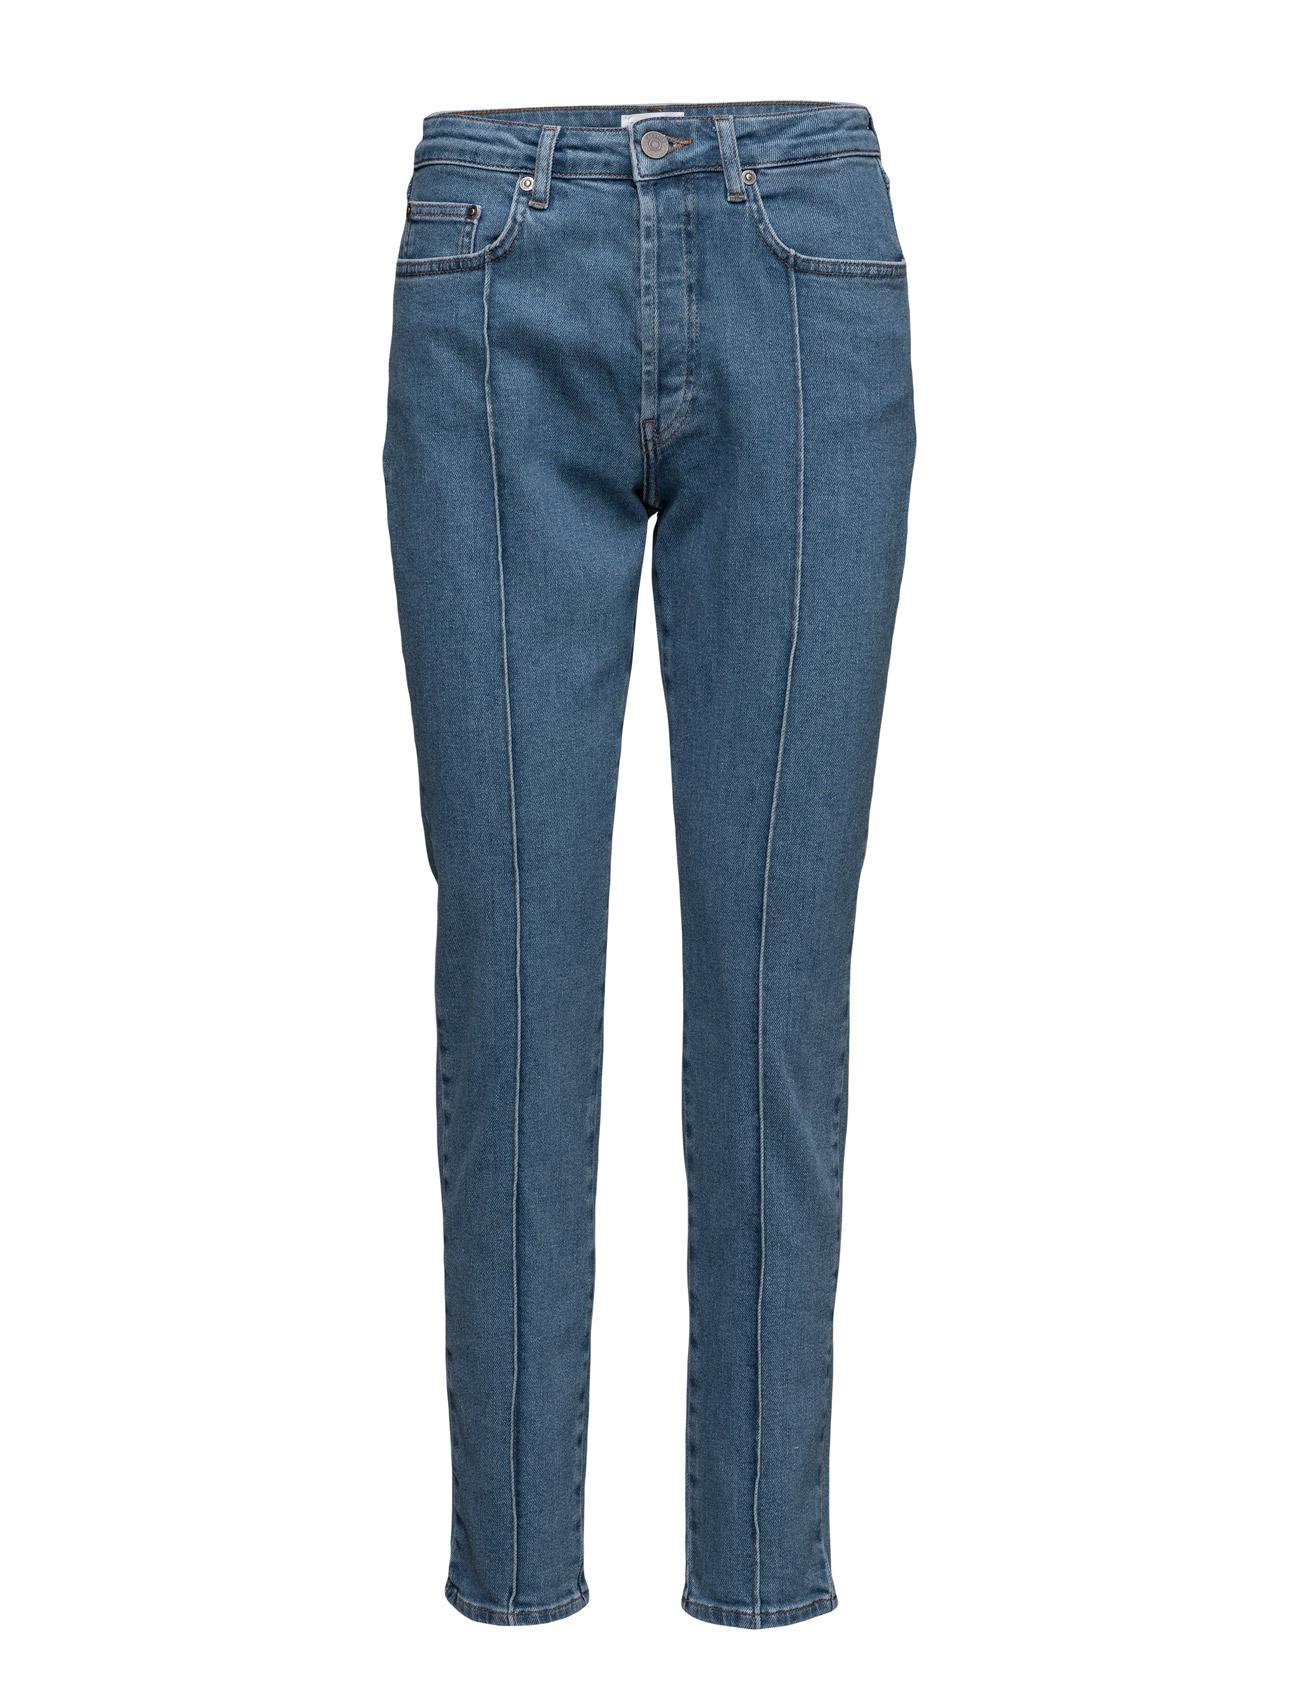 Cecily Jeans So17 Gestuz Jeans til Kvinder i Medium Blå